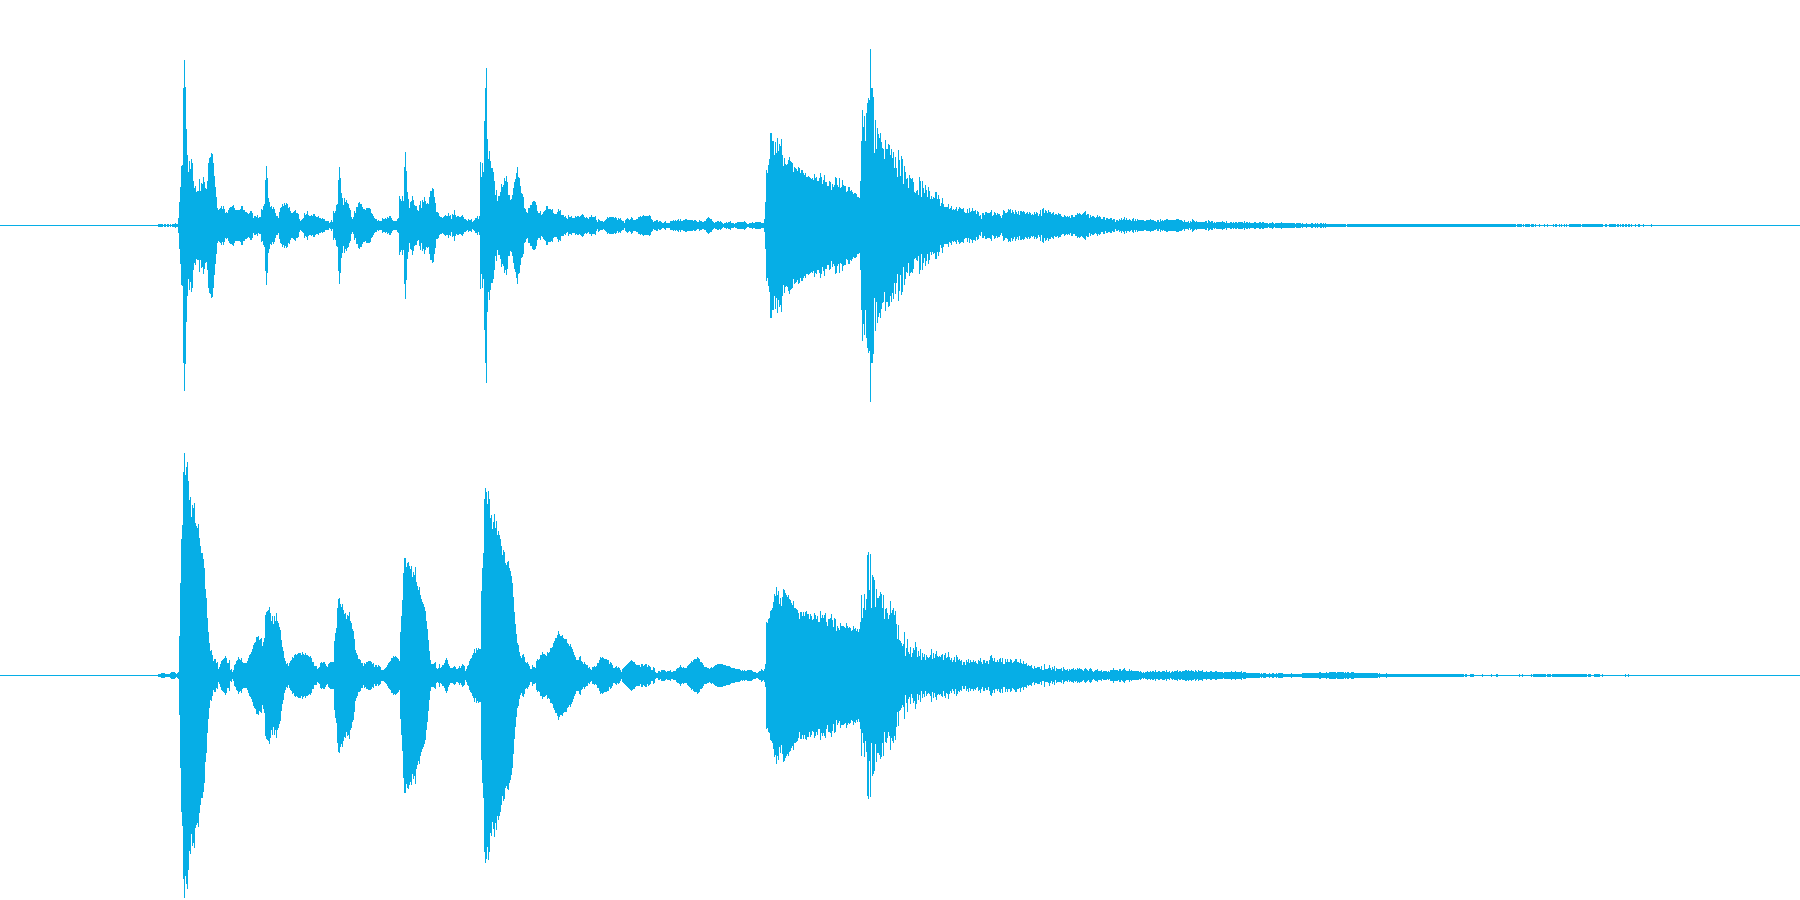 【生楽器録音】ヒヨコ可愛い場面転換①の再生済みの波形